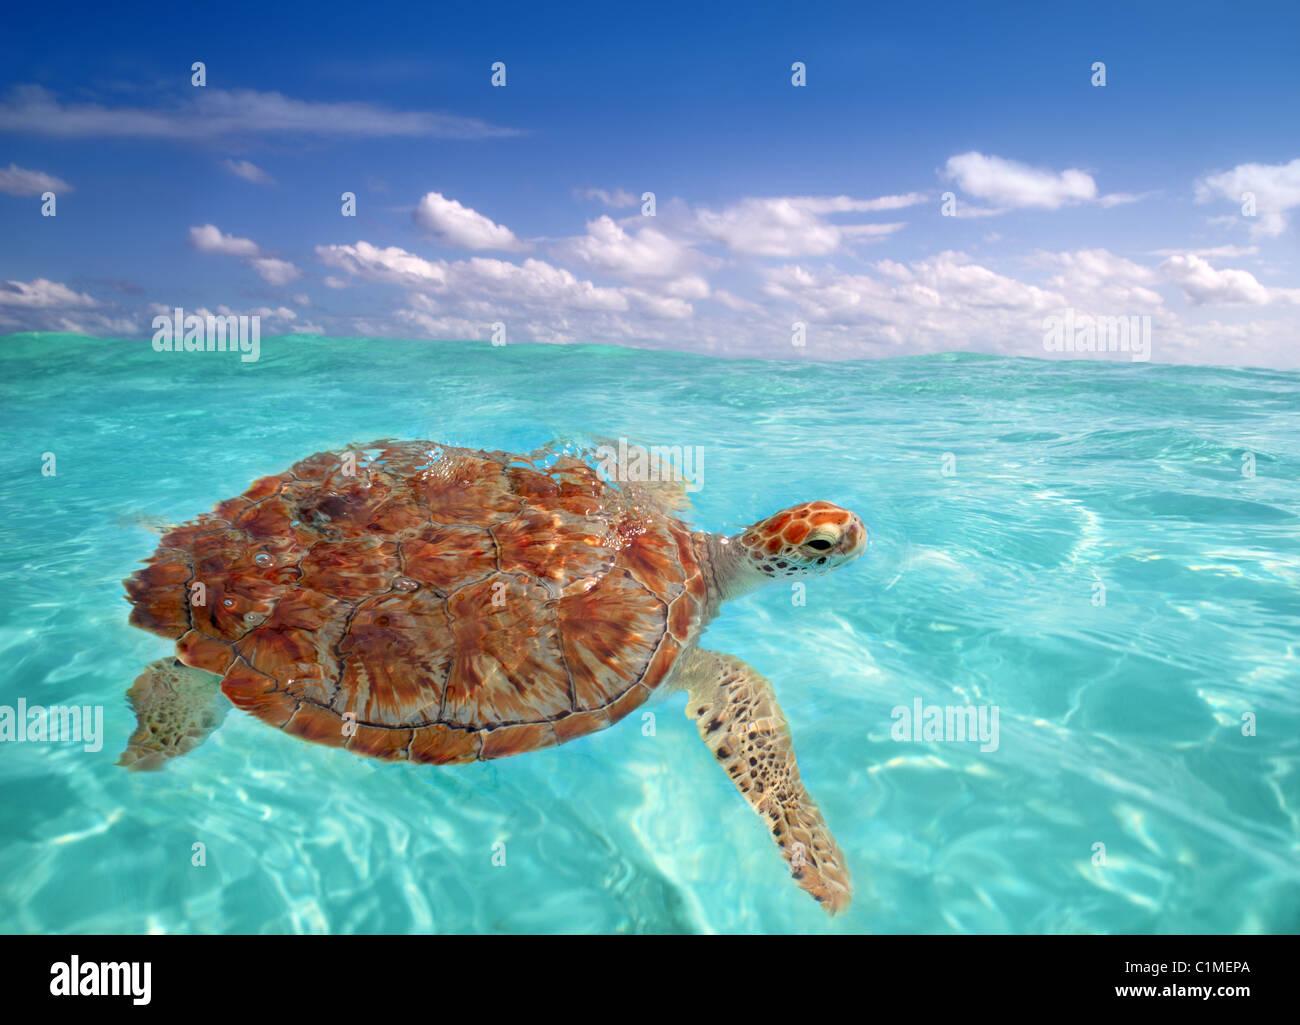 Grüne Meeresschildkröte Chelonia Mydas Karibik Cheloniidae Wasseroberfläche Stockfoto